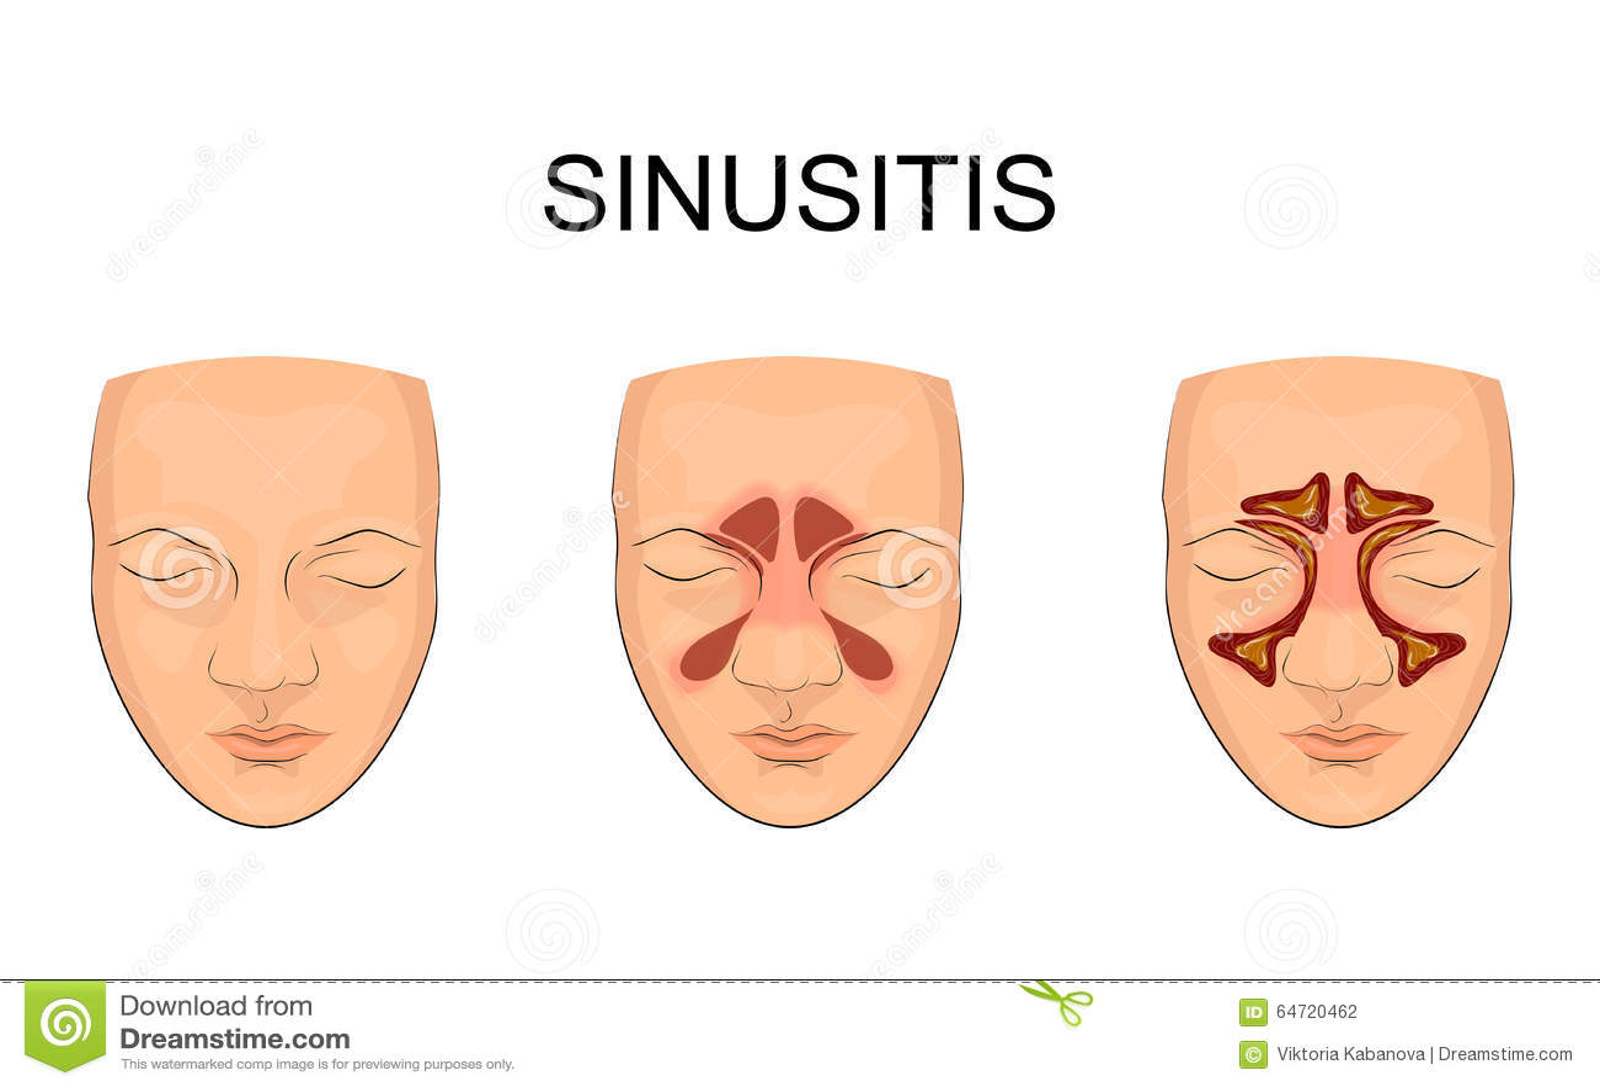 Nasenhöhle entzündung vektor abbildung. Illustration von vorder ...